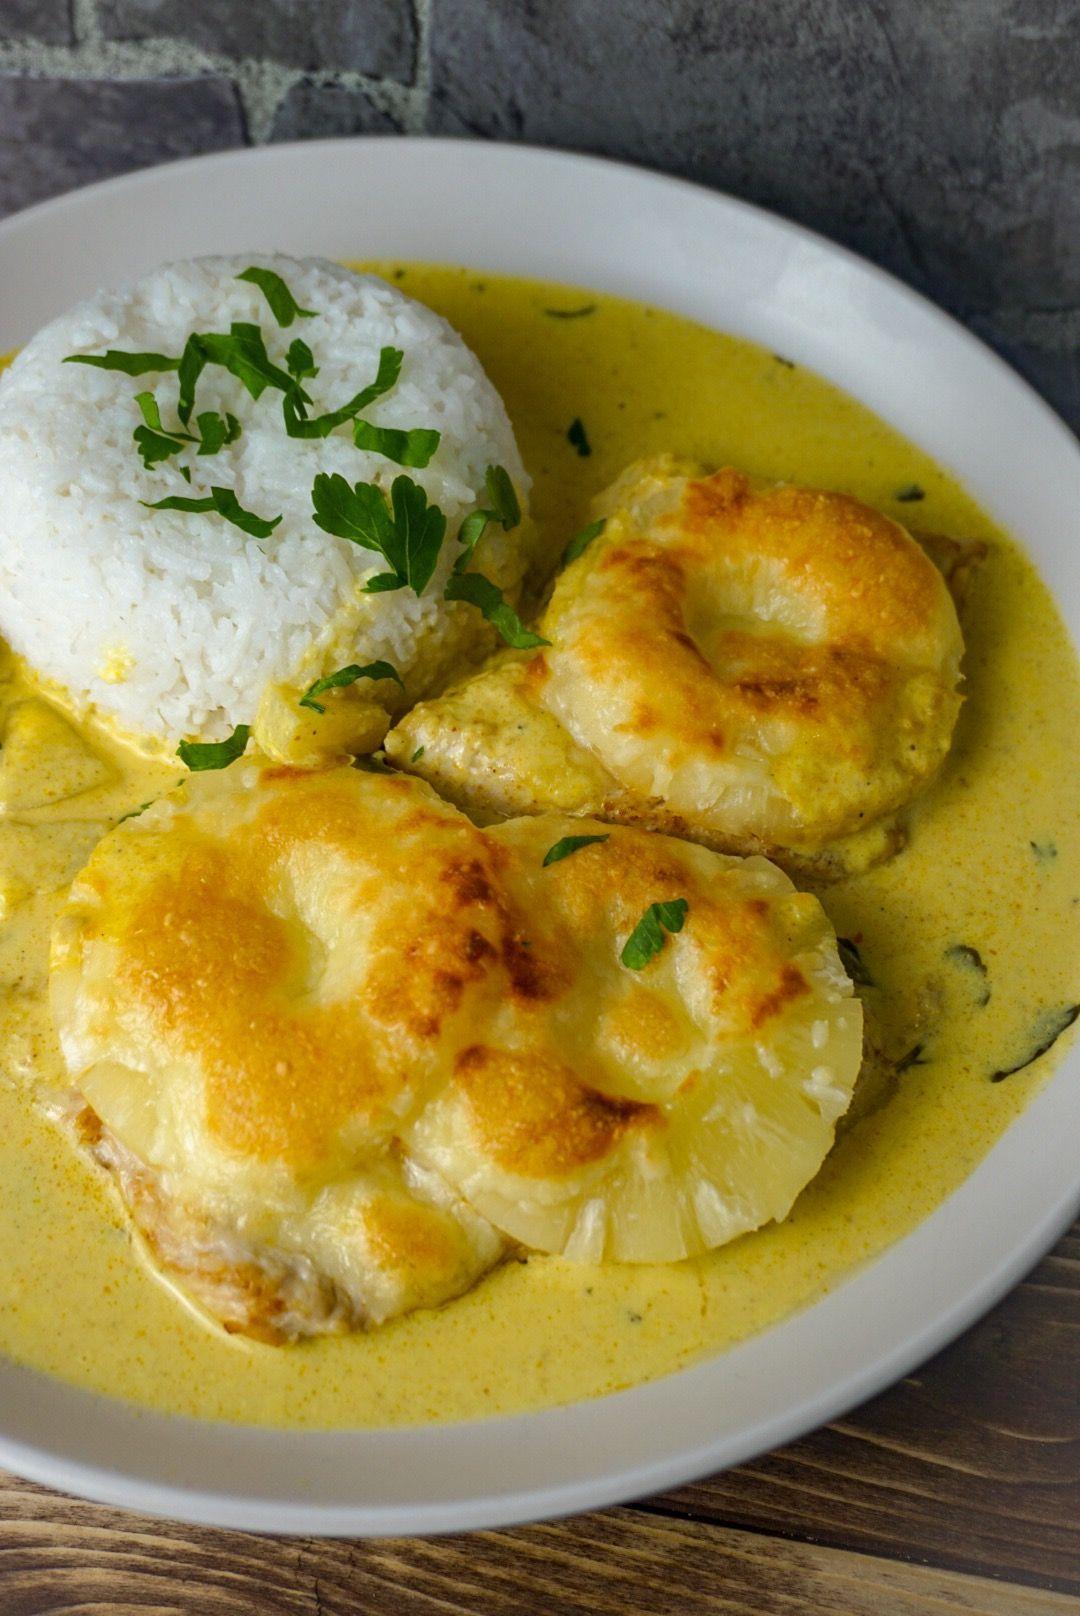 Hawaii-Chicken aus dem Ofen #einfachegerichte Hawaii-Chicken aus dem Ofen #hawaiianfoodrecipes